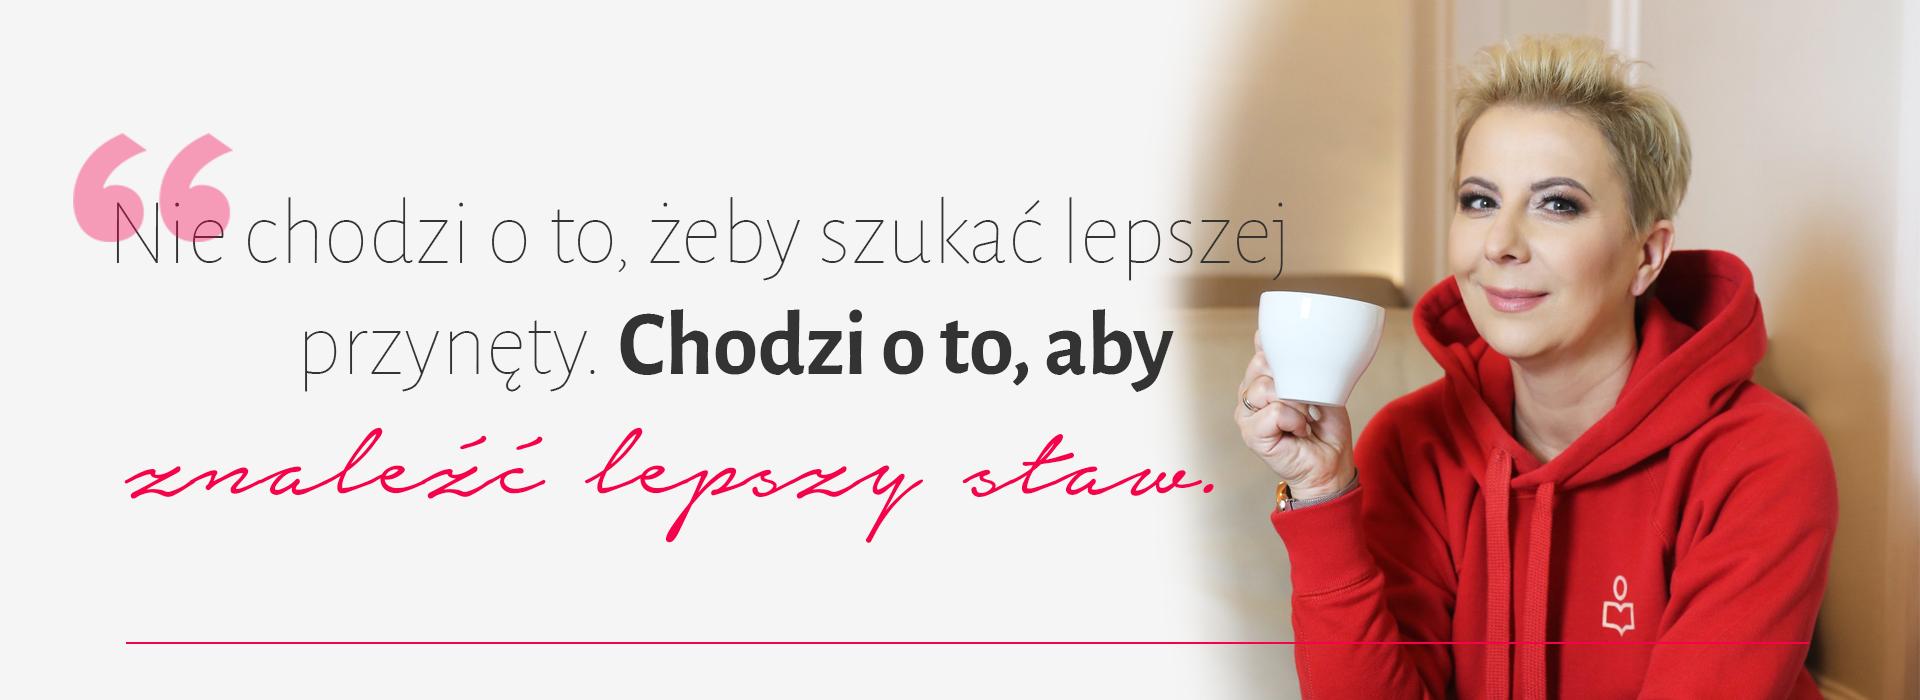 Anna Urbańska - Rozwój osobisty to przyszłość - Grafika